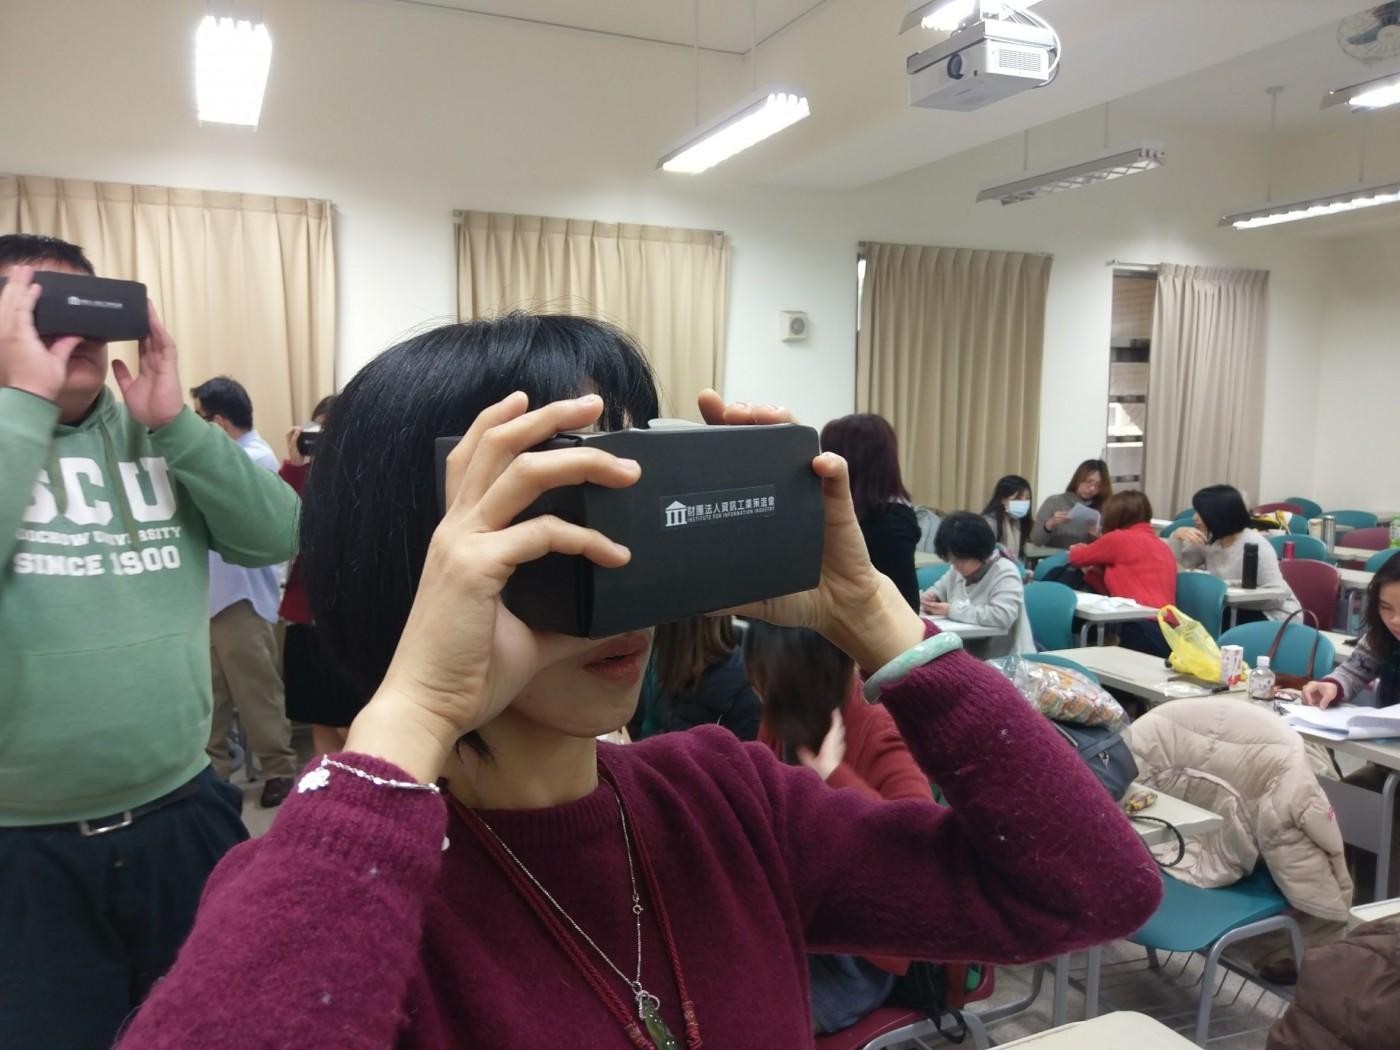 不只遊戲、娛樂應用,台灣首度將VR導入國家司法考試